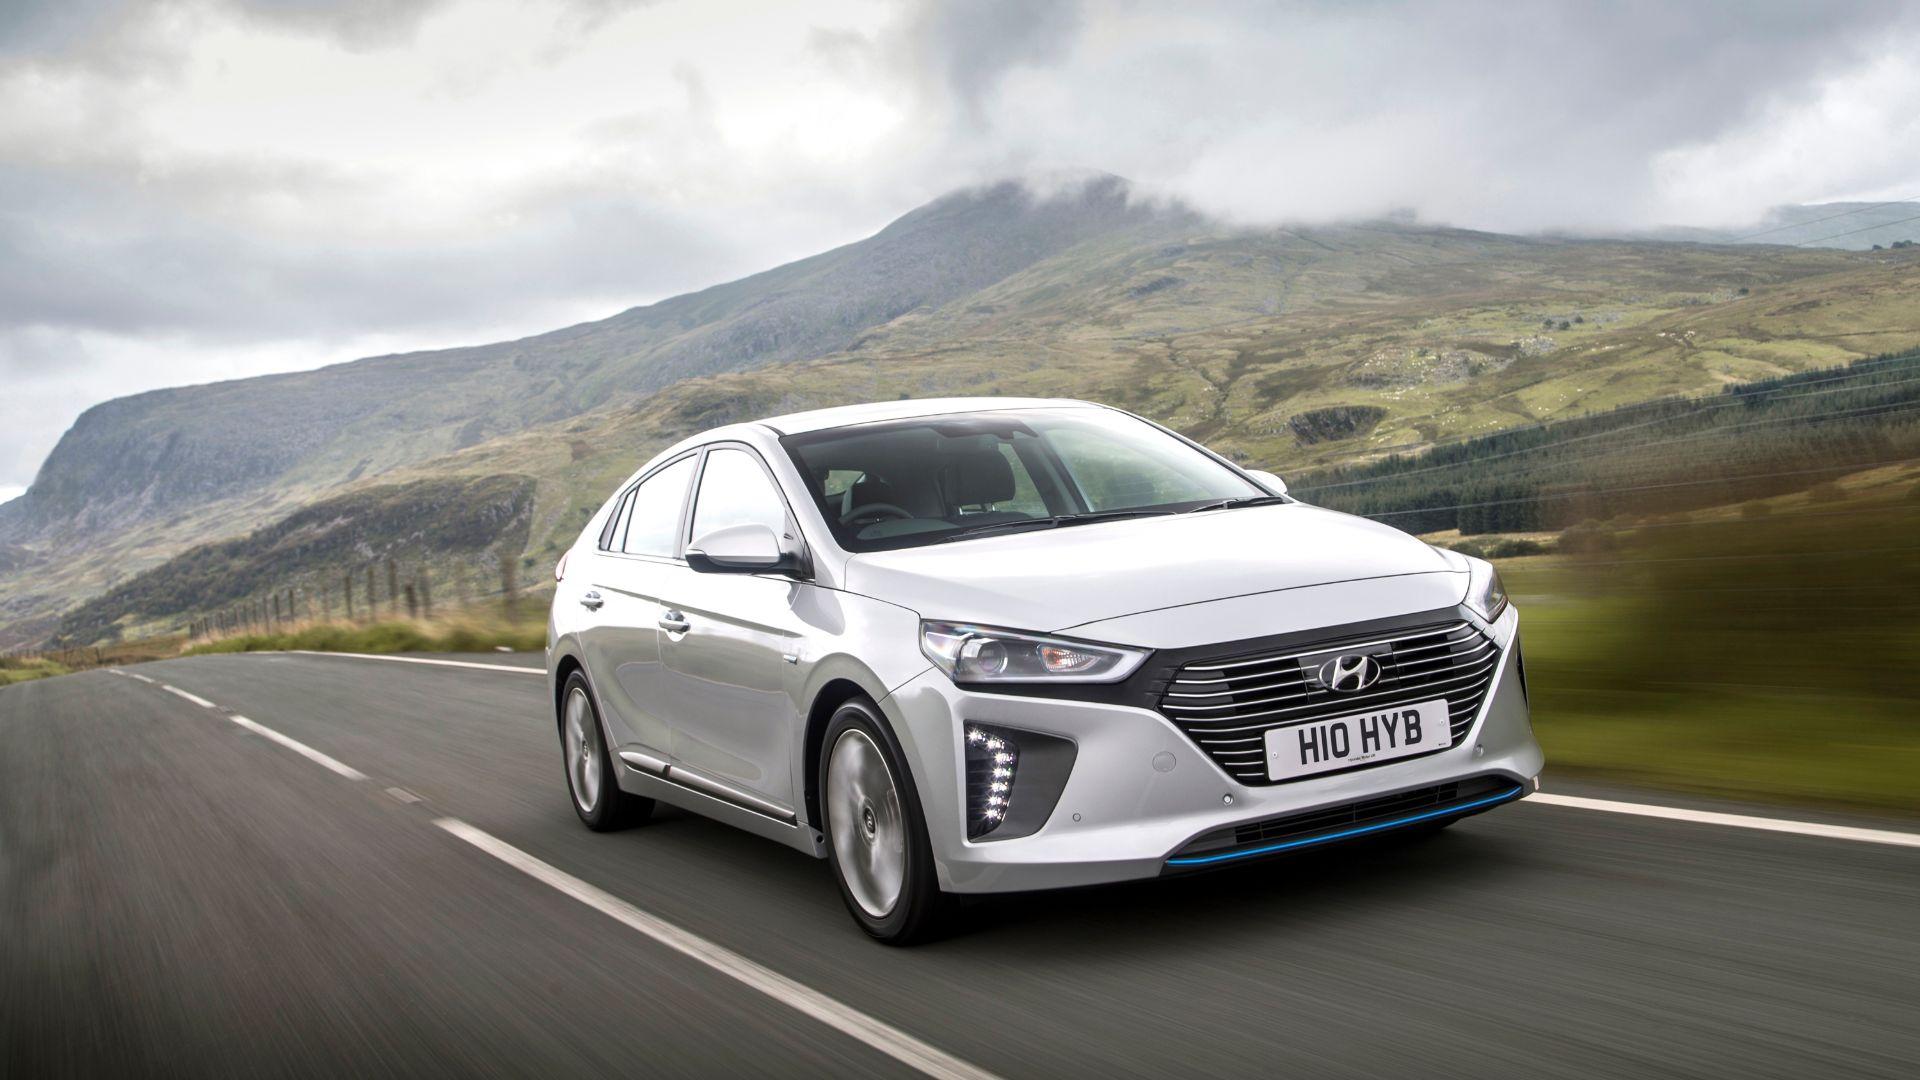 Hyundai – 95.7 percent